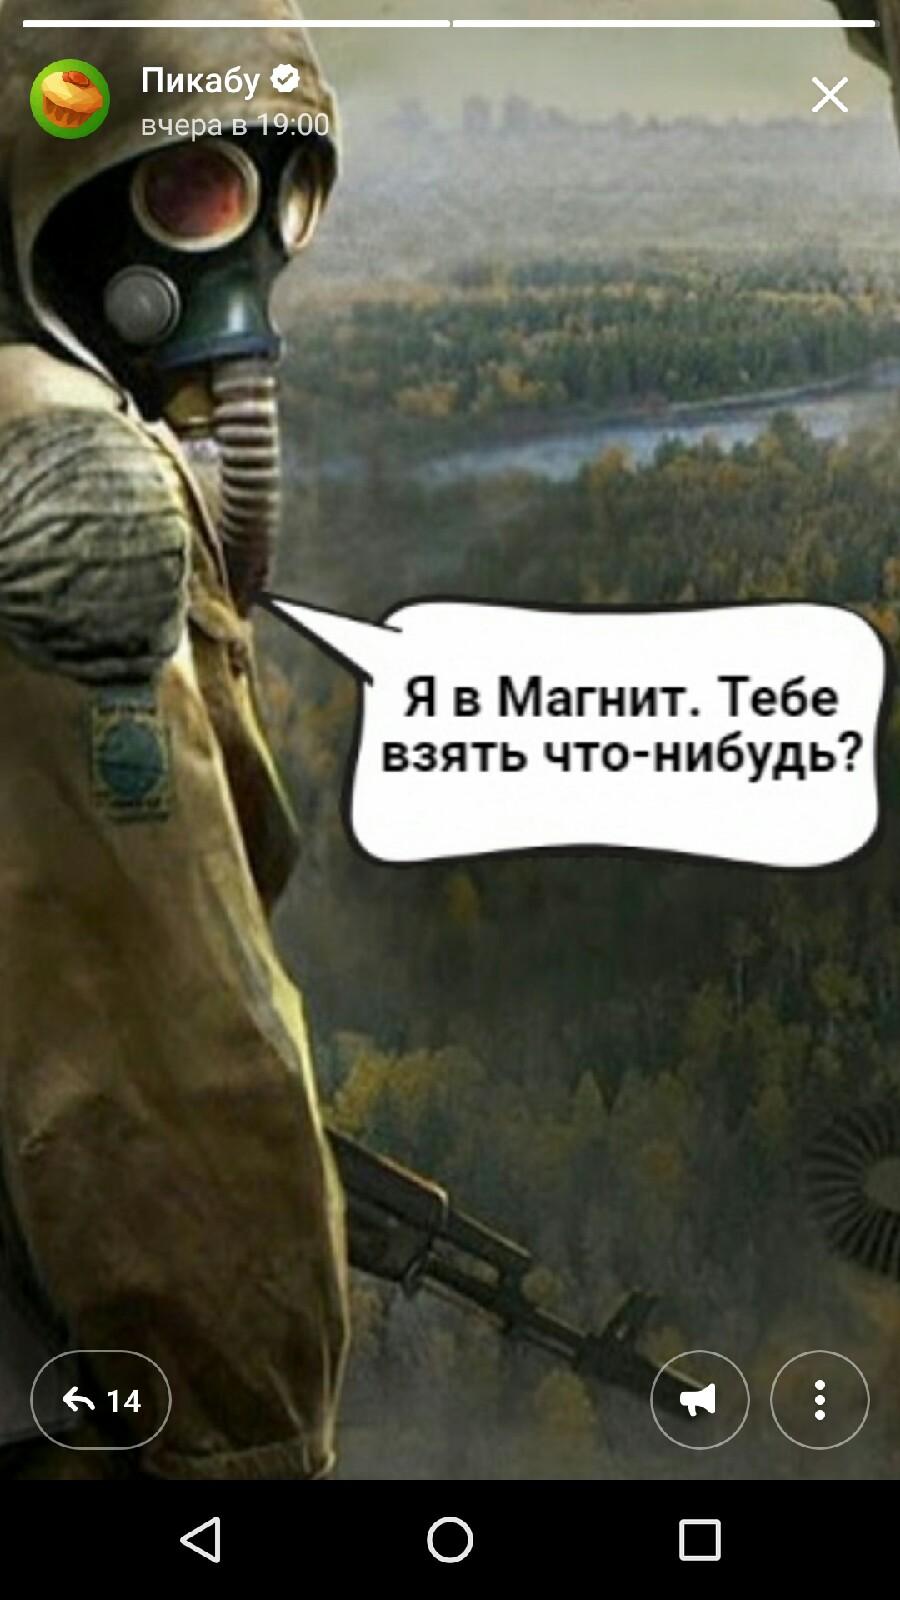 Мемы против паники: каким юмором отозвался интернет на повальную скупку гречки